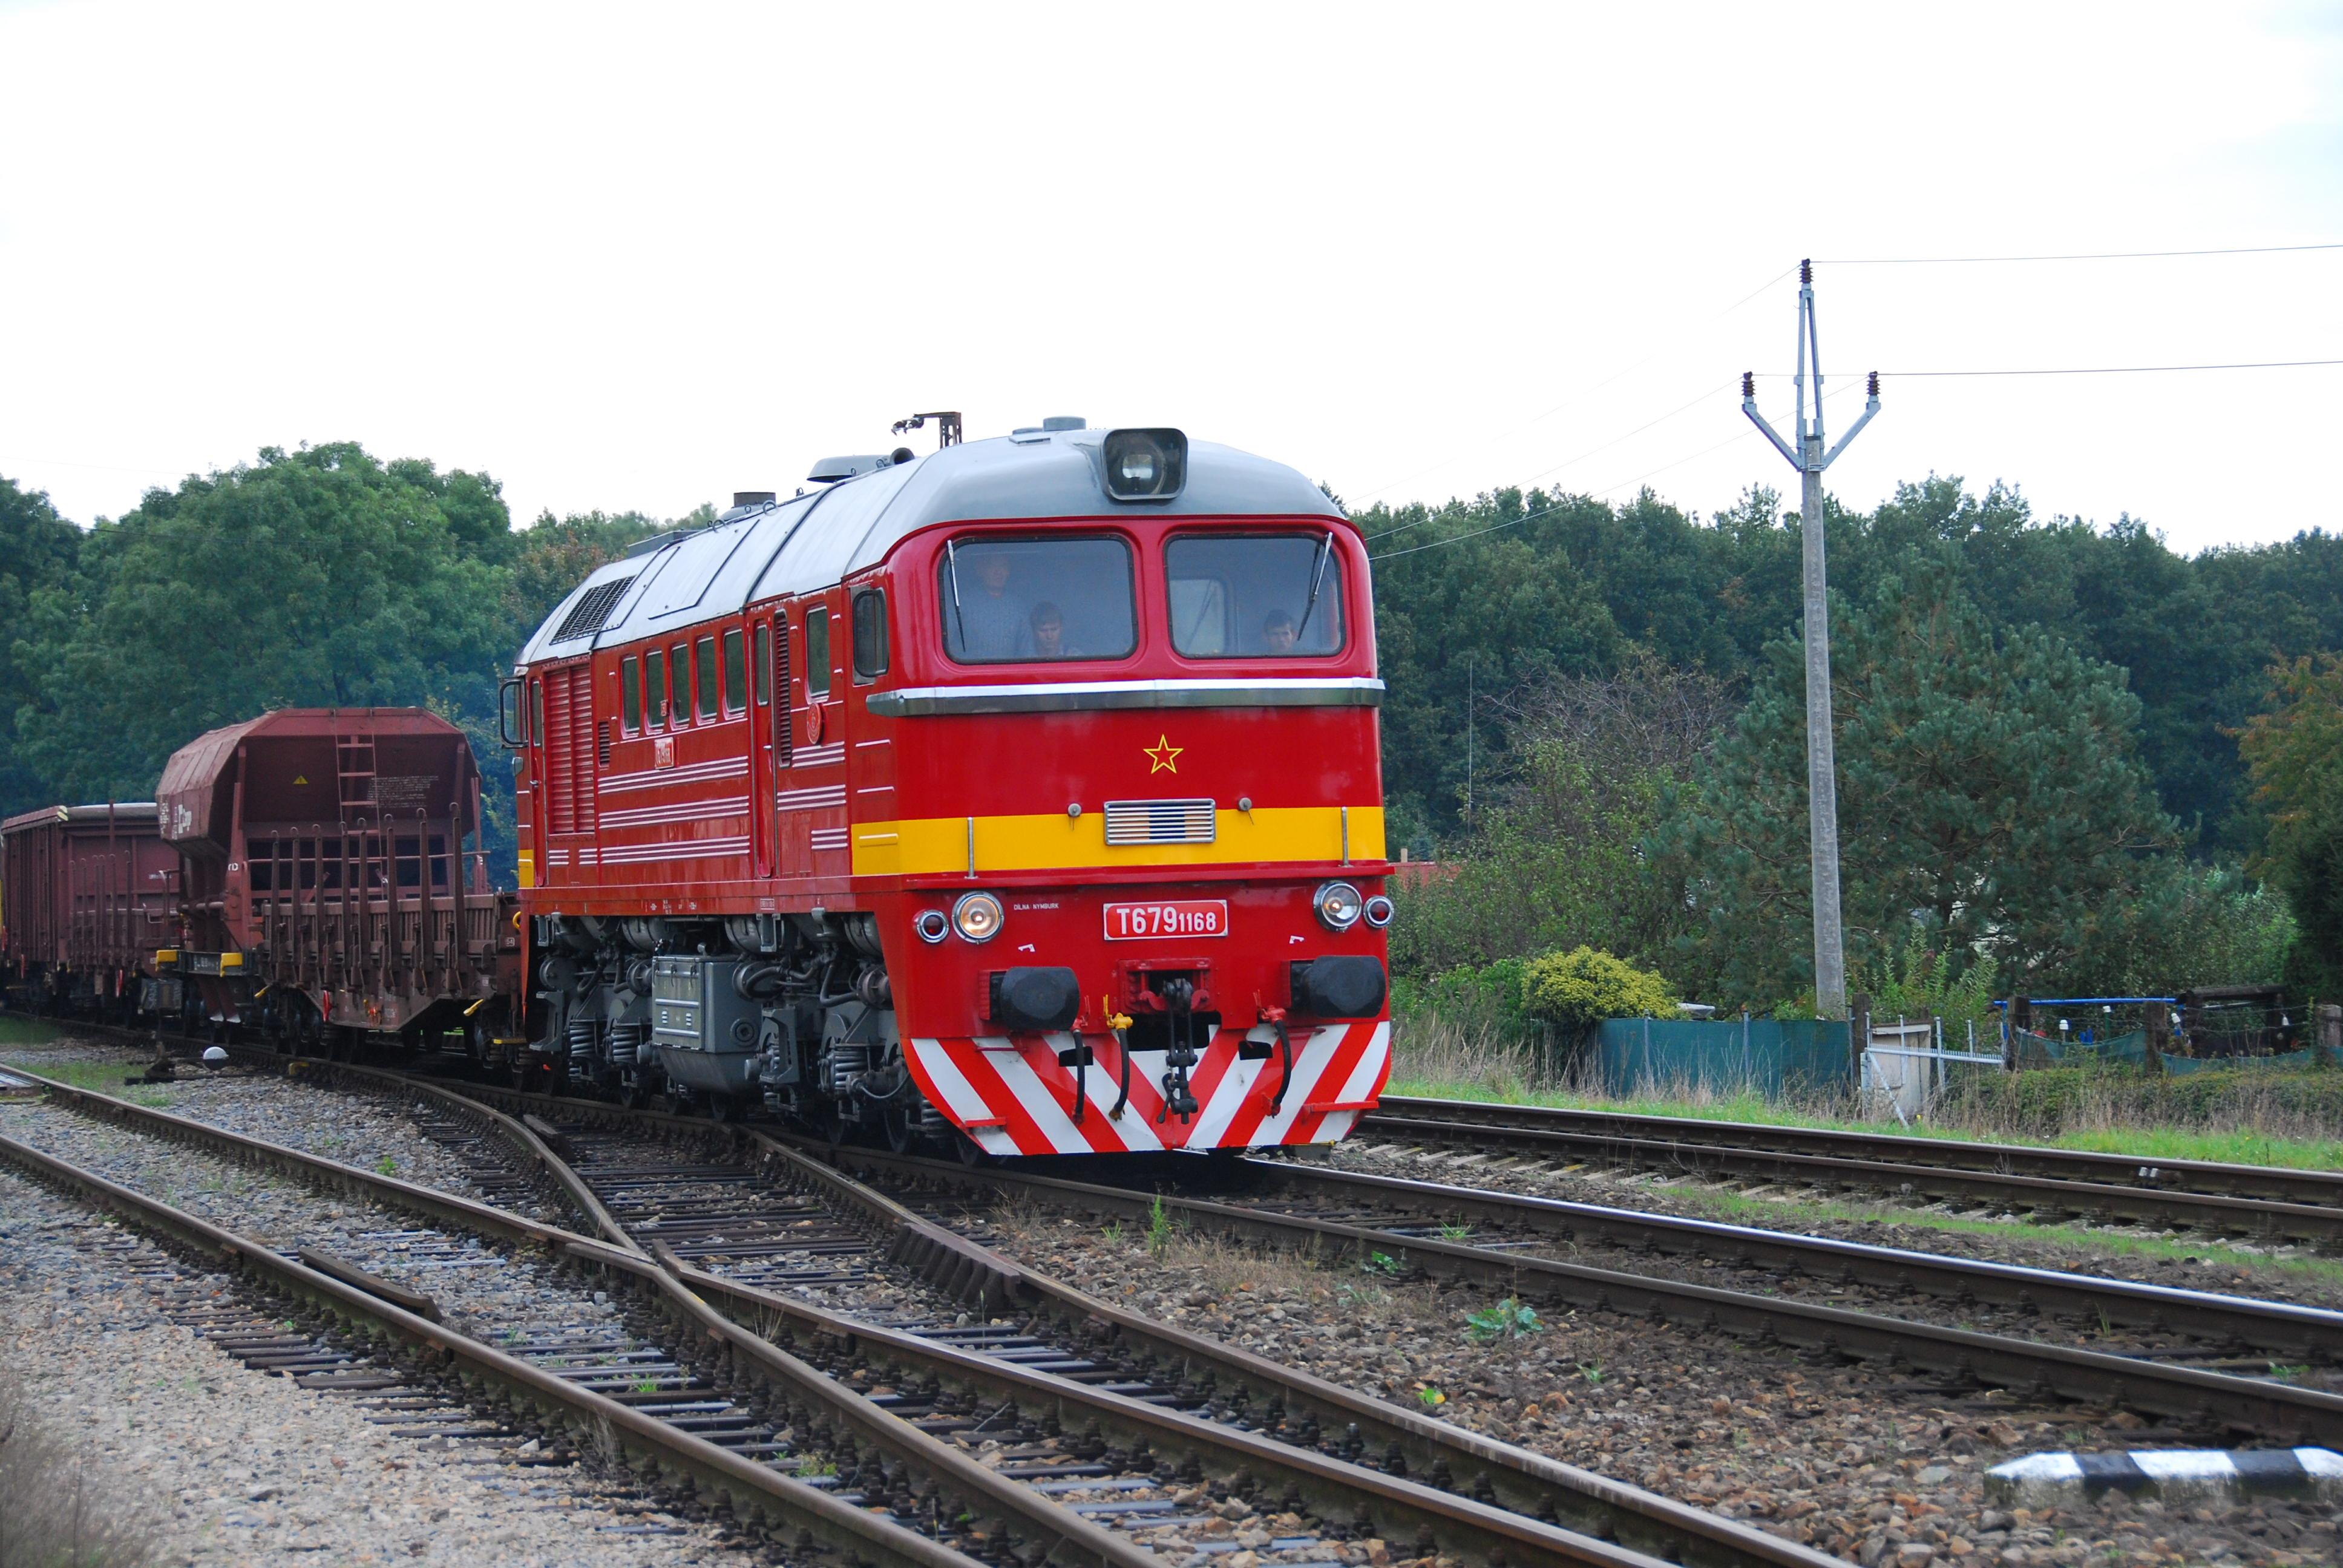 Sergej - T679.1168